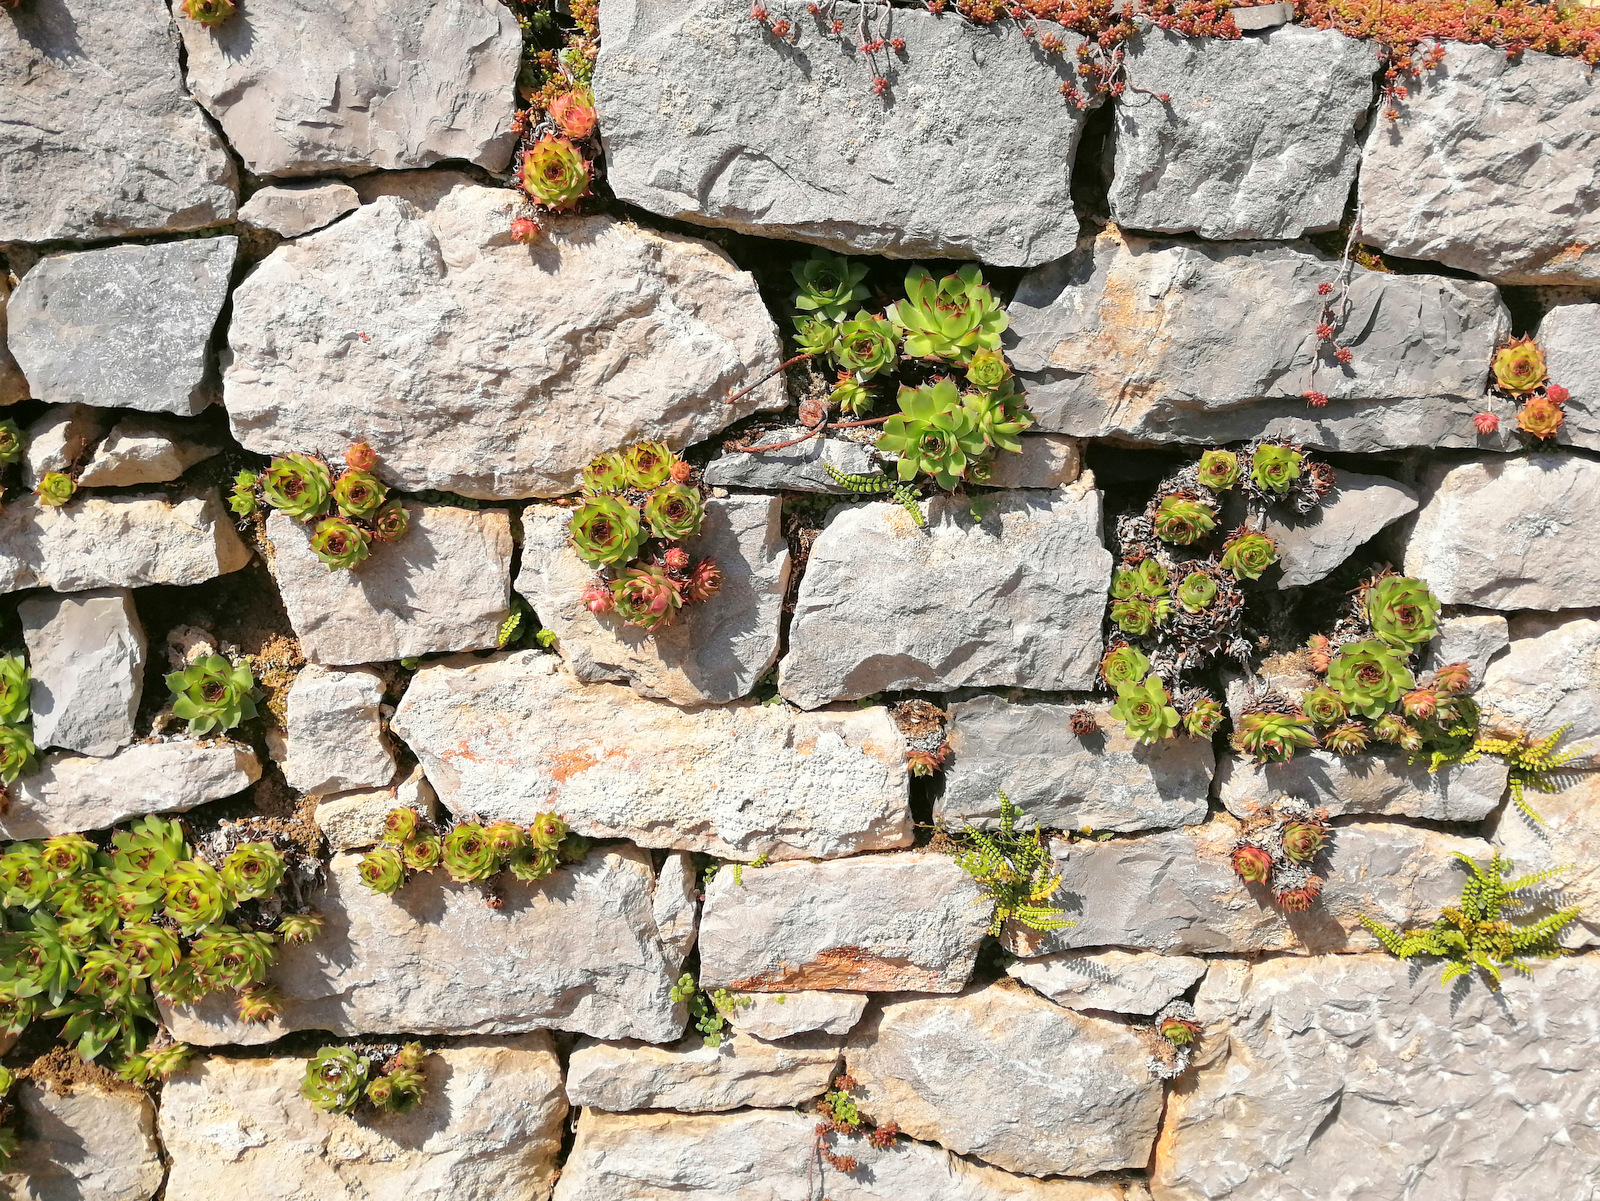 Kamen in v njem rastoče rastlinstvo